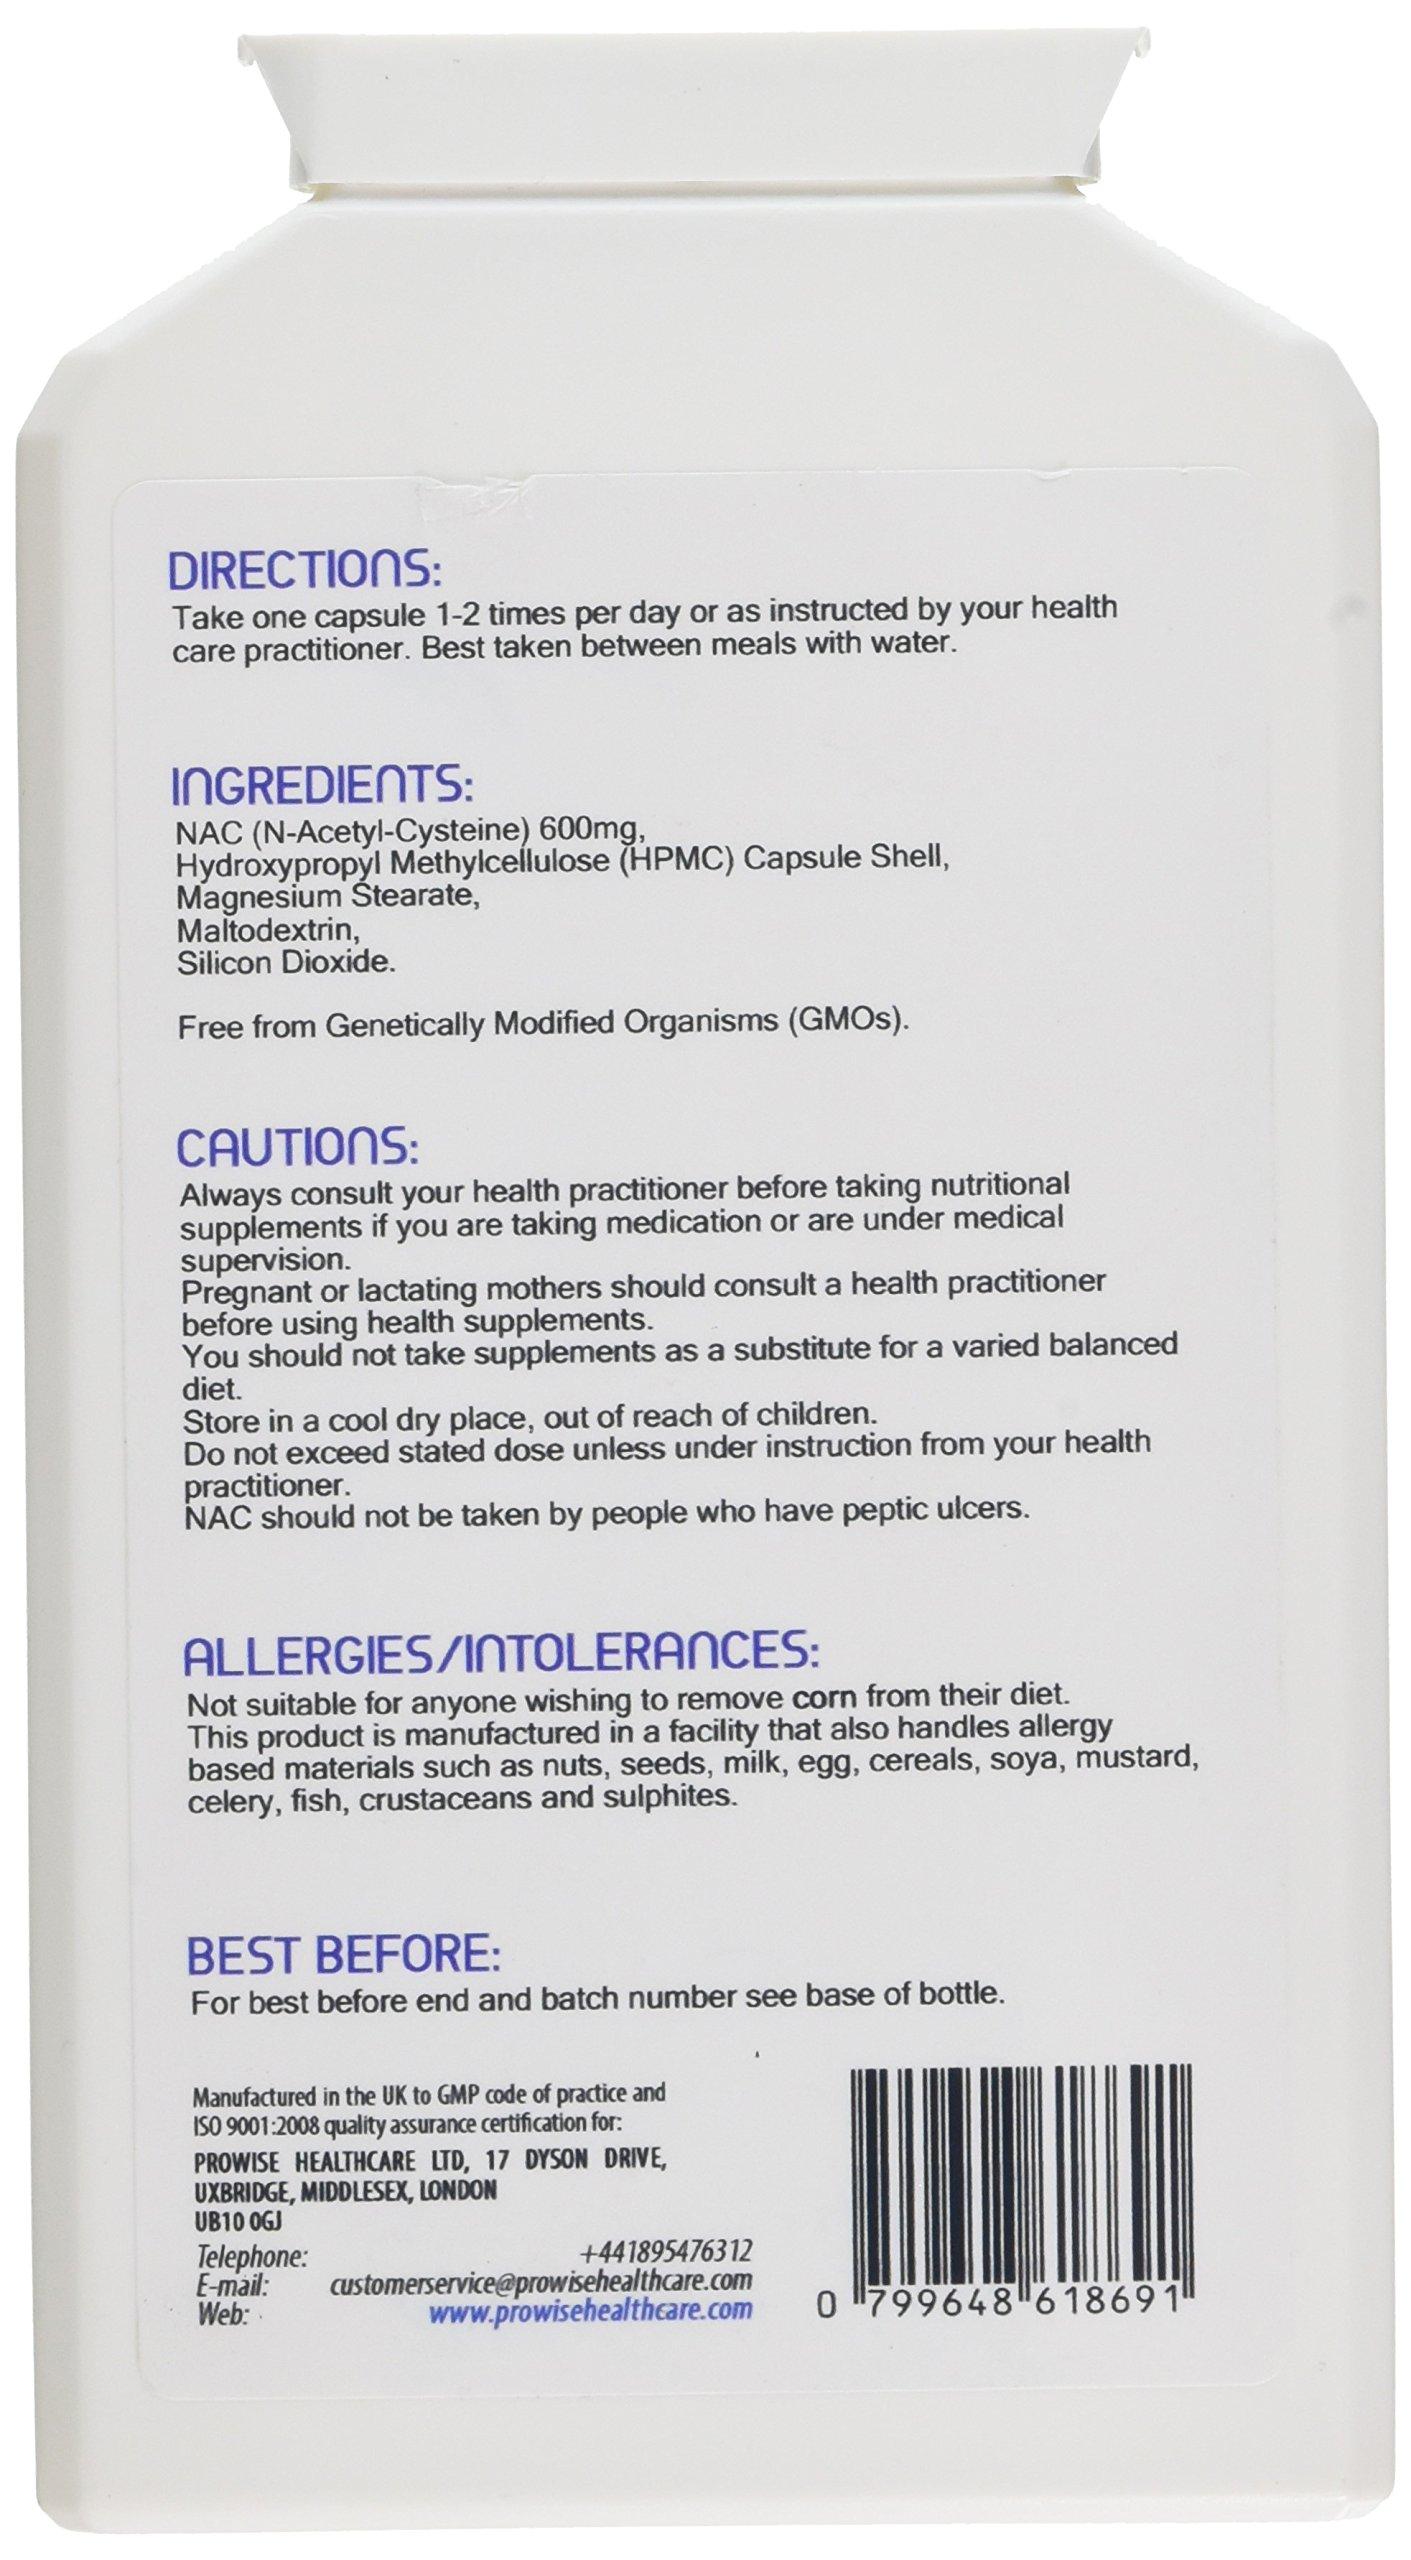 NAC N-acetil-cisteina 600mg 120 capsule - Prodotto nel Regno Unito | Standard GMP di Prowise Healthcare | Adatto a… 3 spesavip